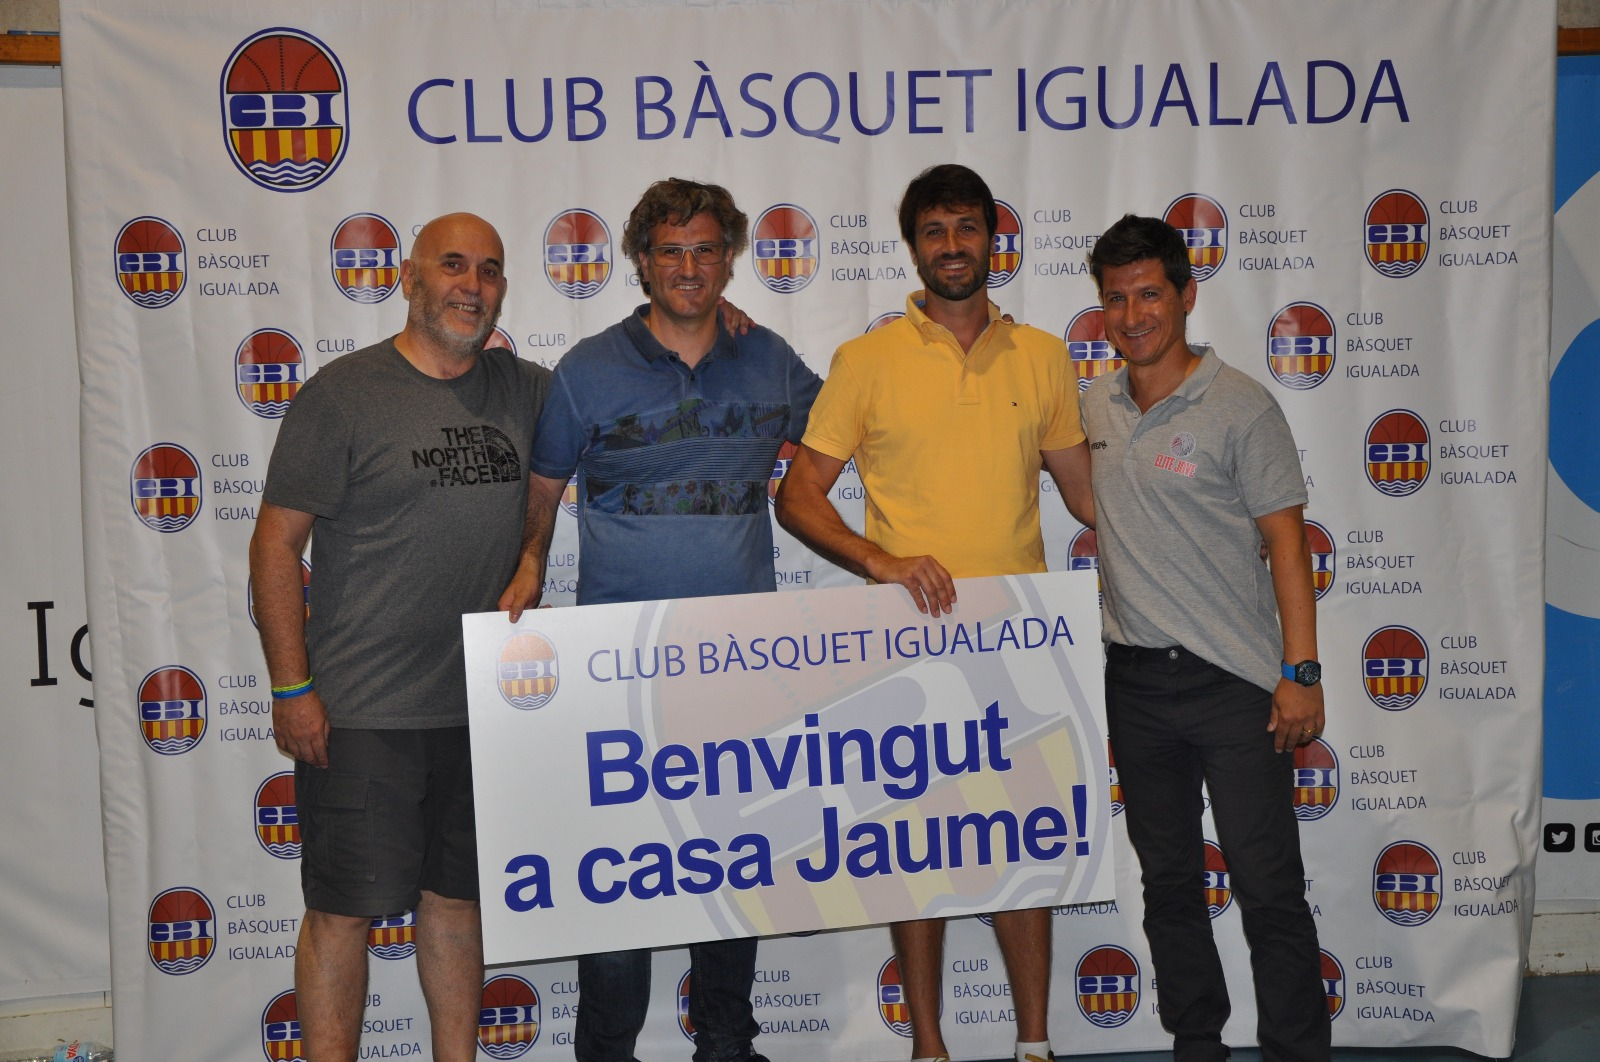 <p>Poques coses ens fan tanta il.lusi&oacute; com anunciar-vos la incorporaci&oacute; de Jaume Torres com a nou jugador del CBI!!! </p>